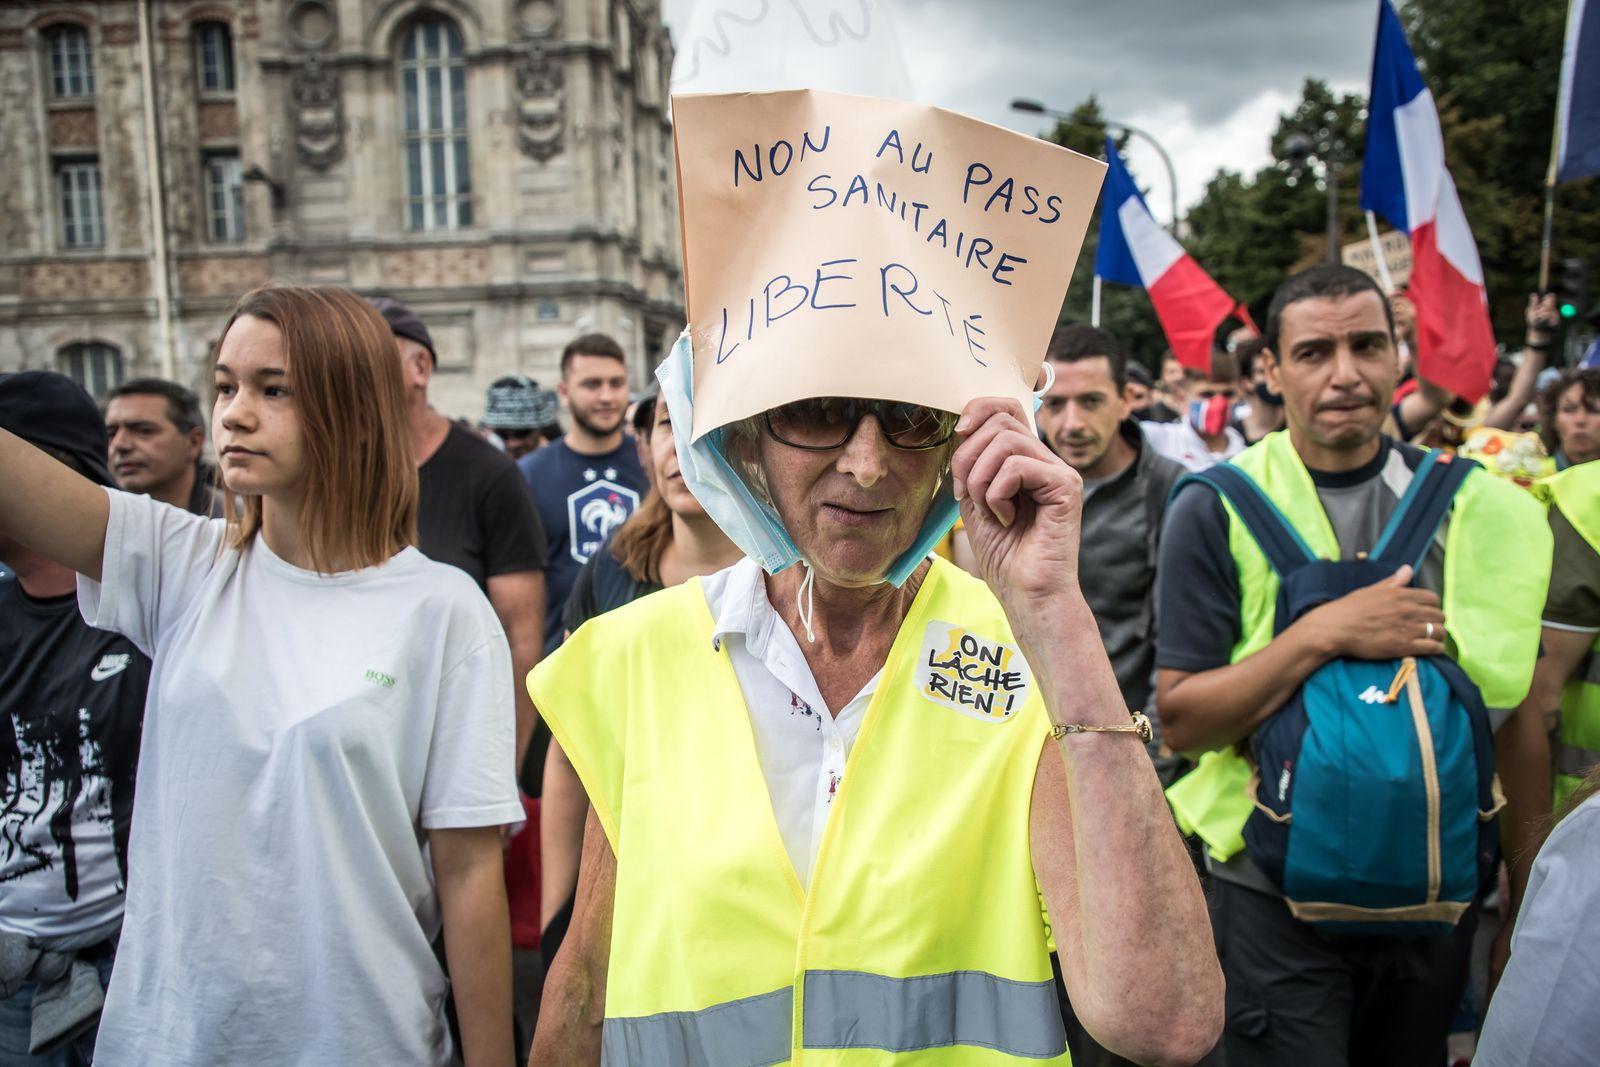 Protest against vaccine pass in Paris